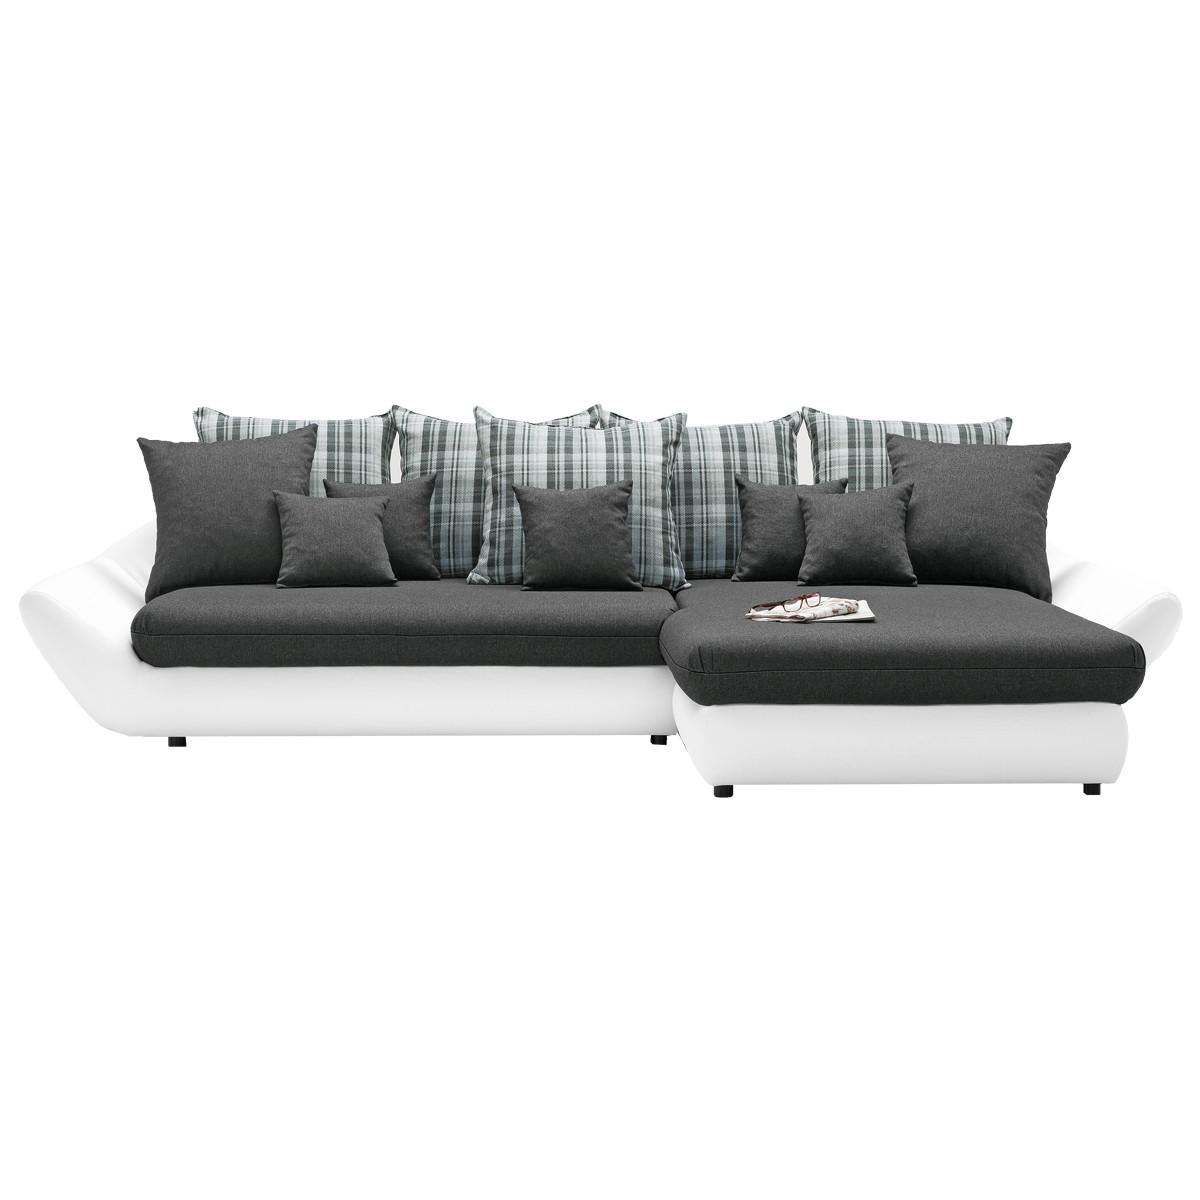 Ledercouch anthrazit  Couch Mit Elektrischer Relaxfunktion: Riesen couch enorm xxl ...